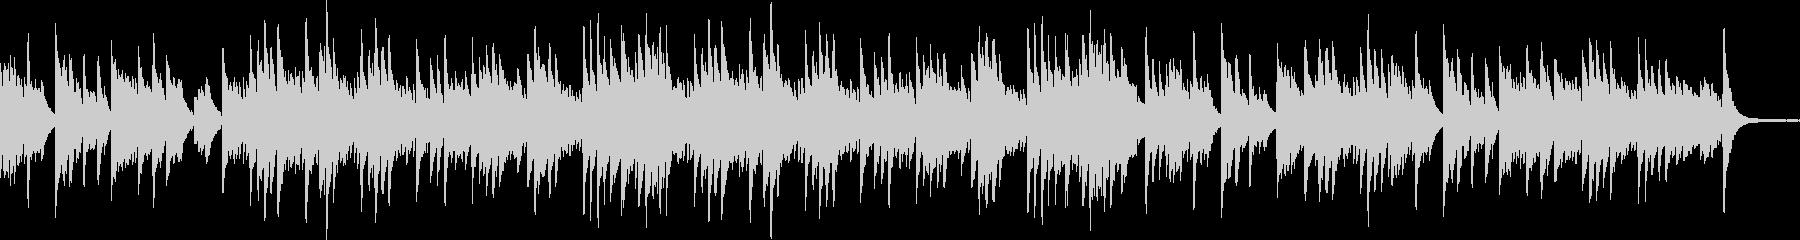 ソロピアノ、爽やか、風をイメージの未再生の波形